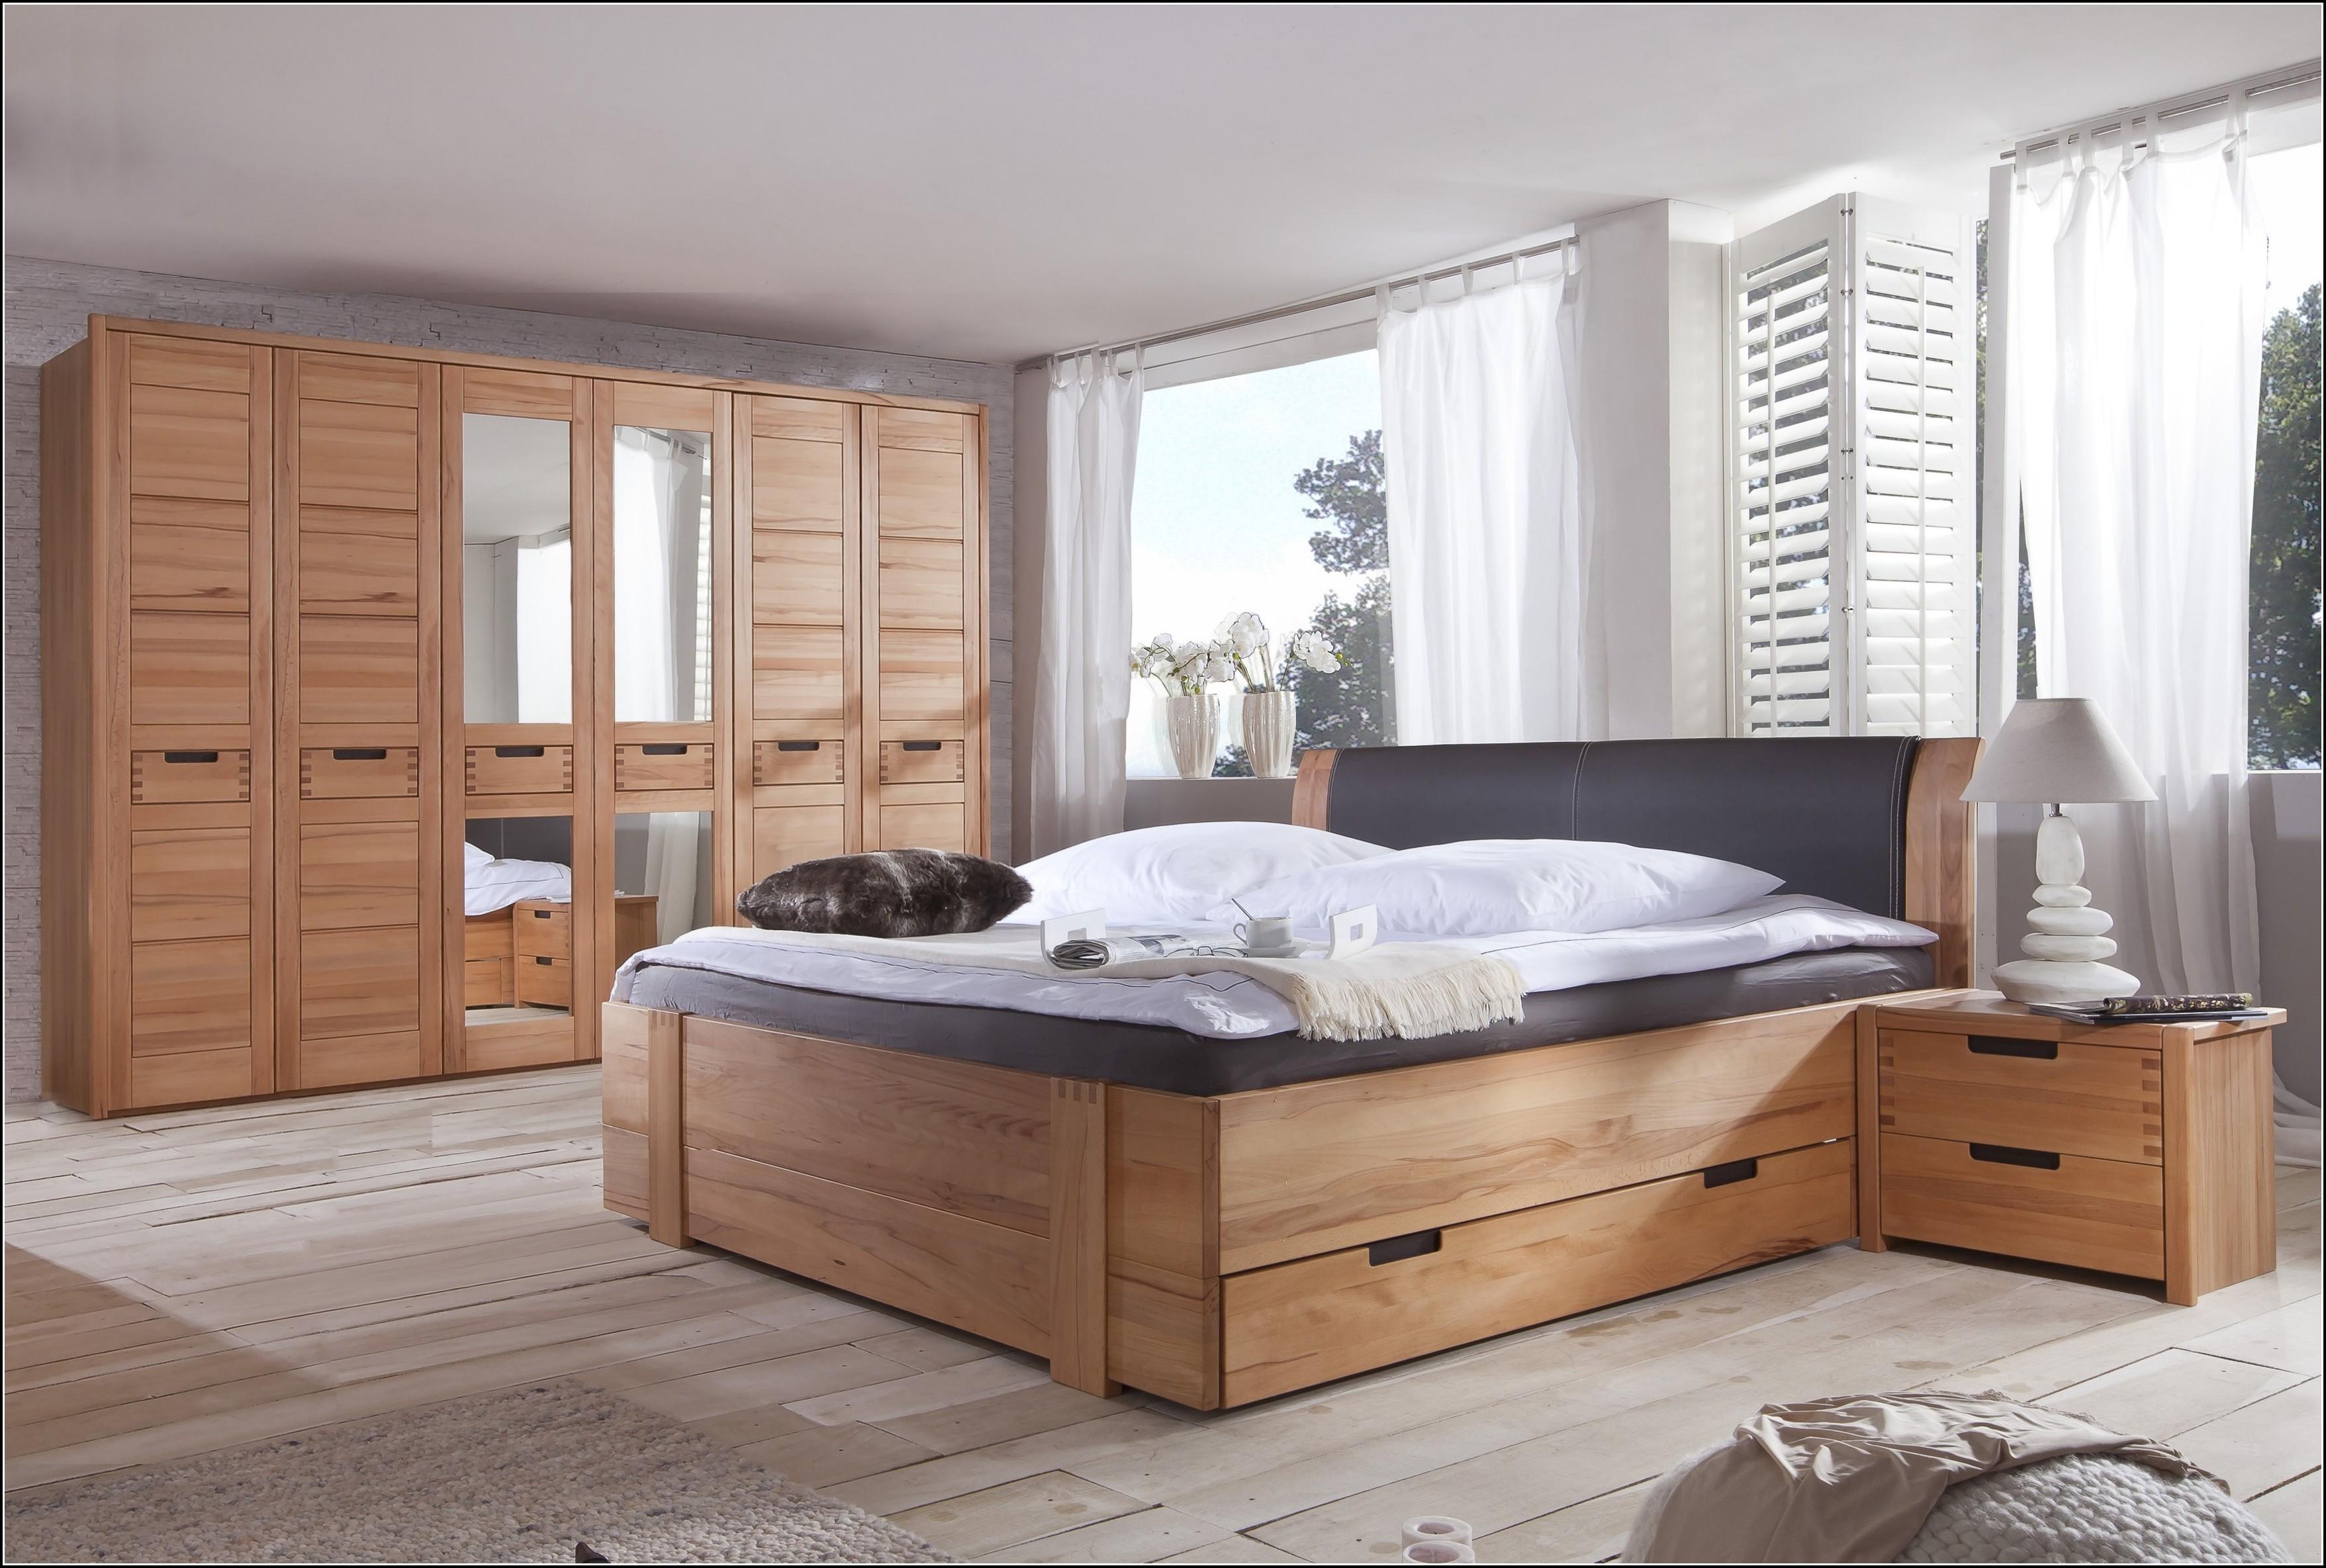 schlafzimmer bett 200x200 schlafzimmer house und dekor. Black Bedroom Furniture Sets. Home Design Ideas